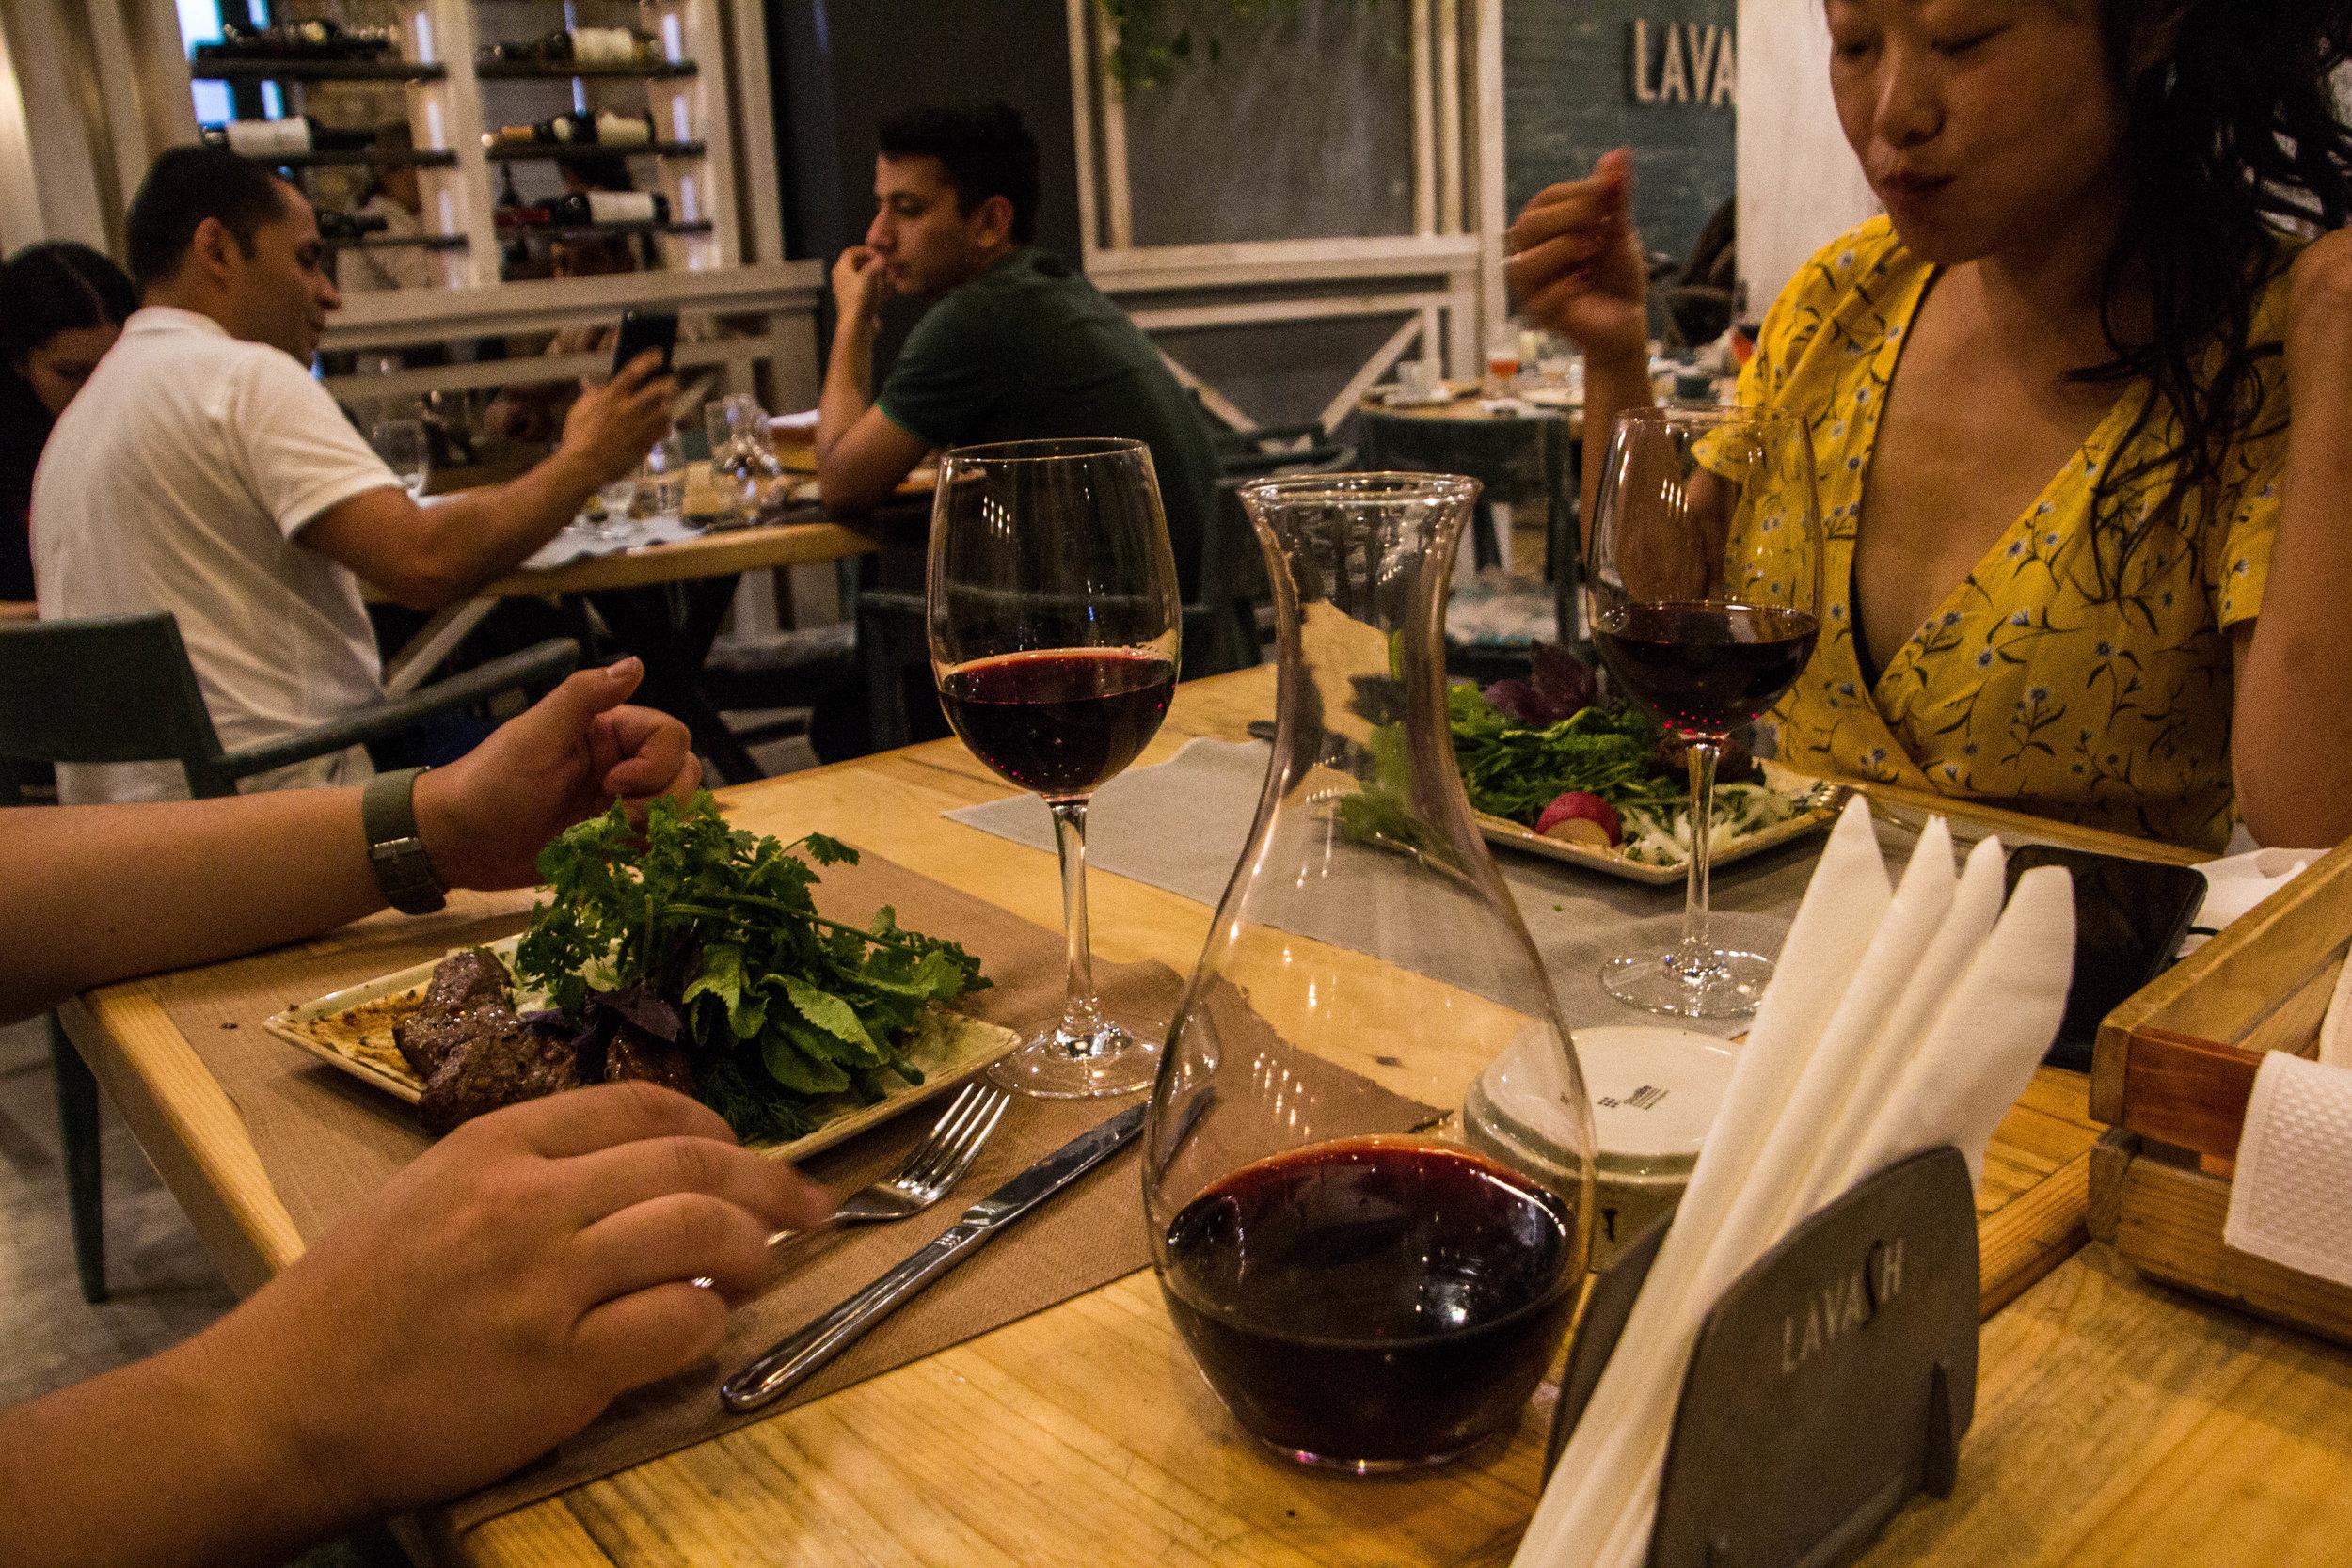 yerevan-armenia-lavash-restaurant-3.jpg